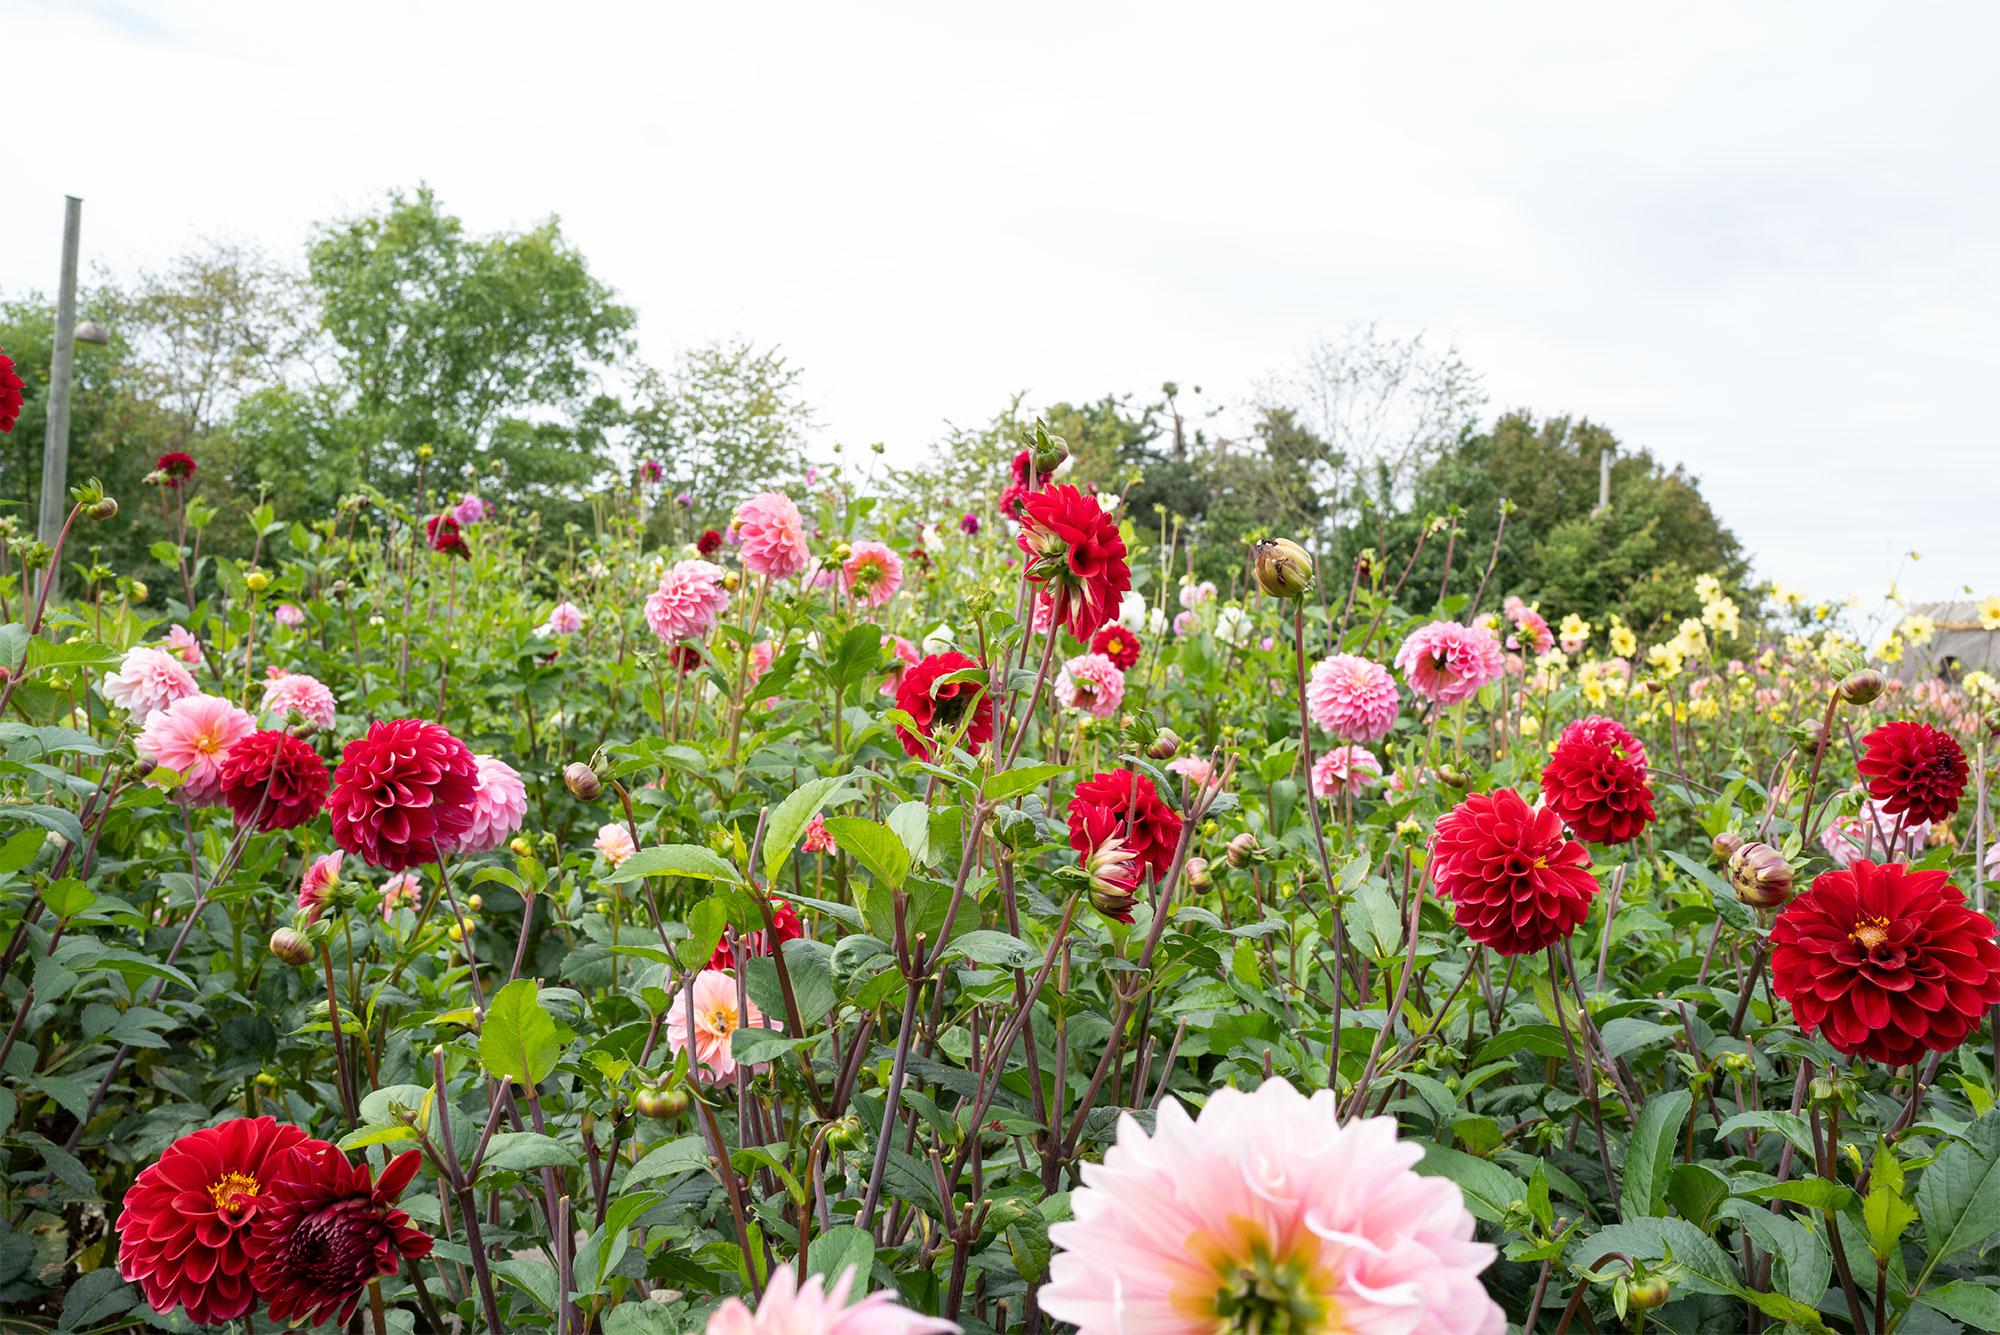 En blomstrende have på Amagermuseet. Arkivfoto: TorbenSender.